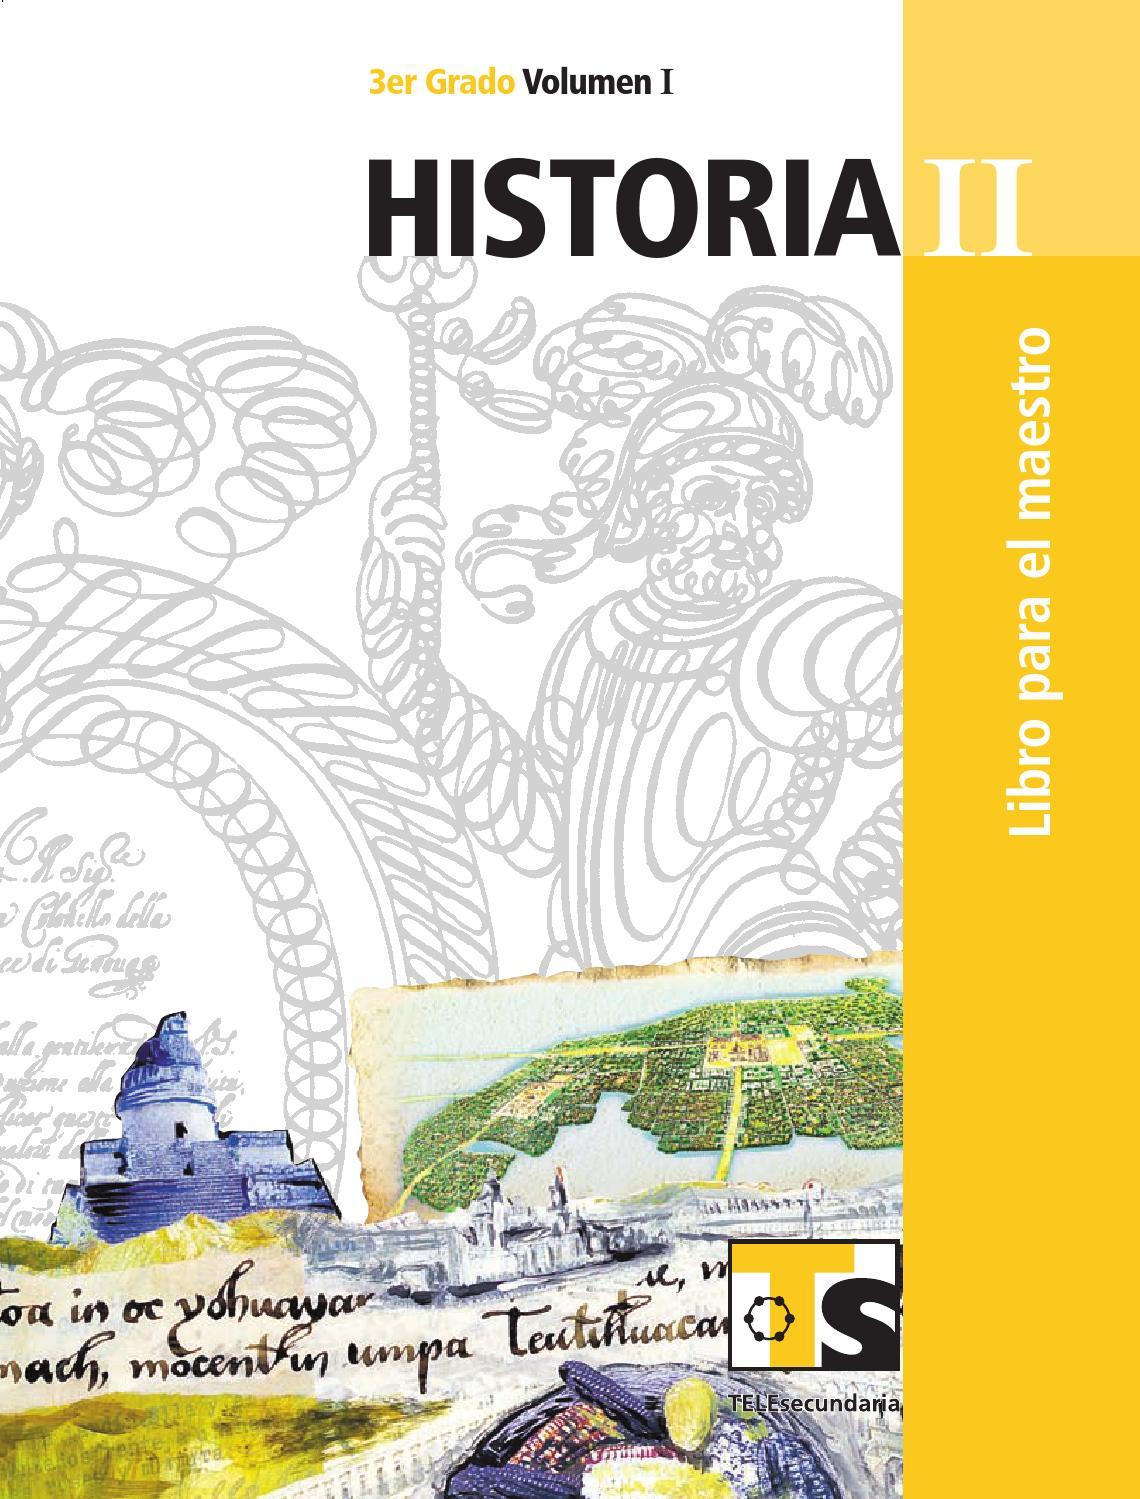 Maestro. Historia 3er. Grado Volumen I by Rarámuri - issuu